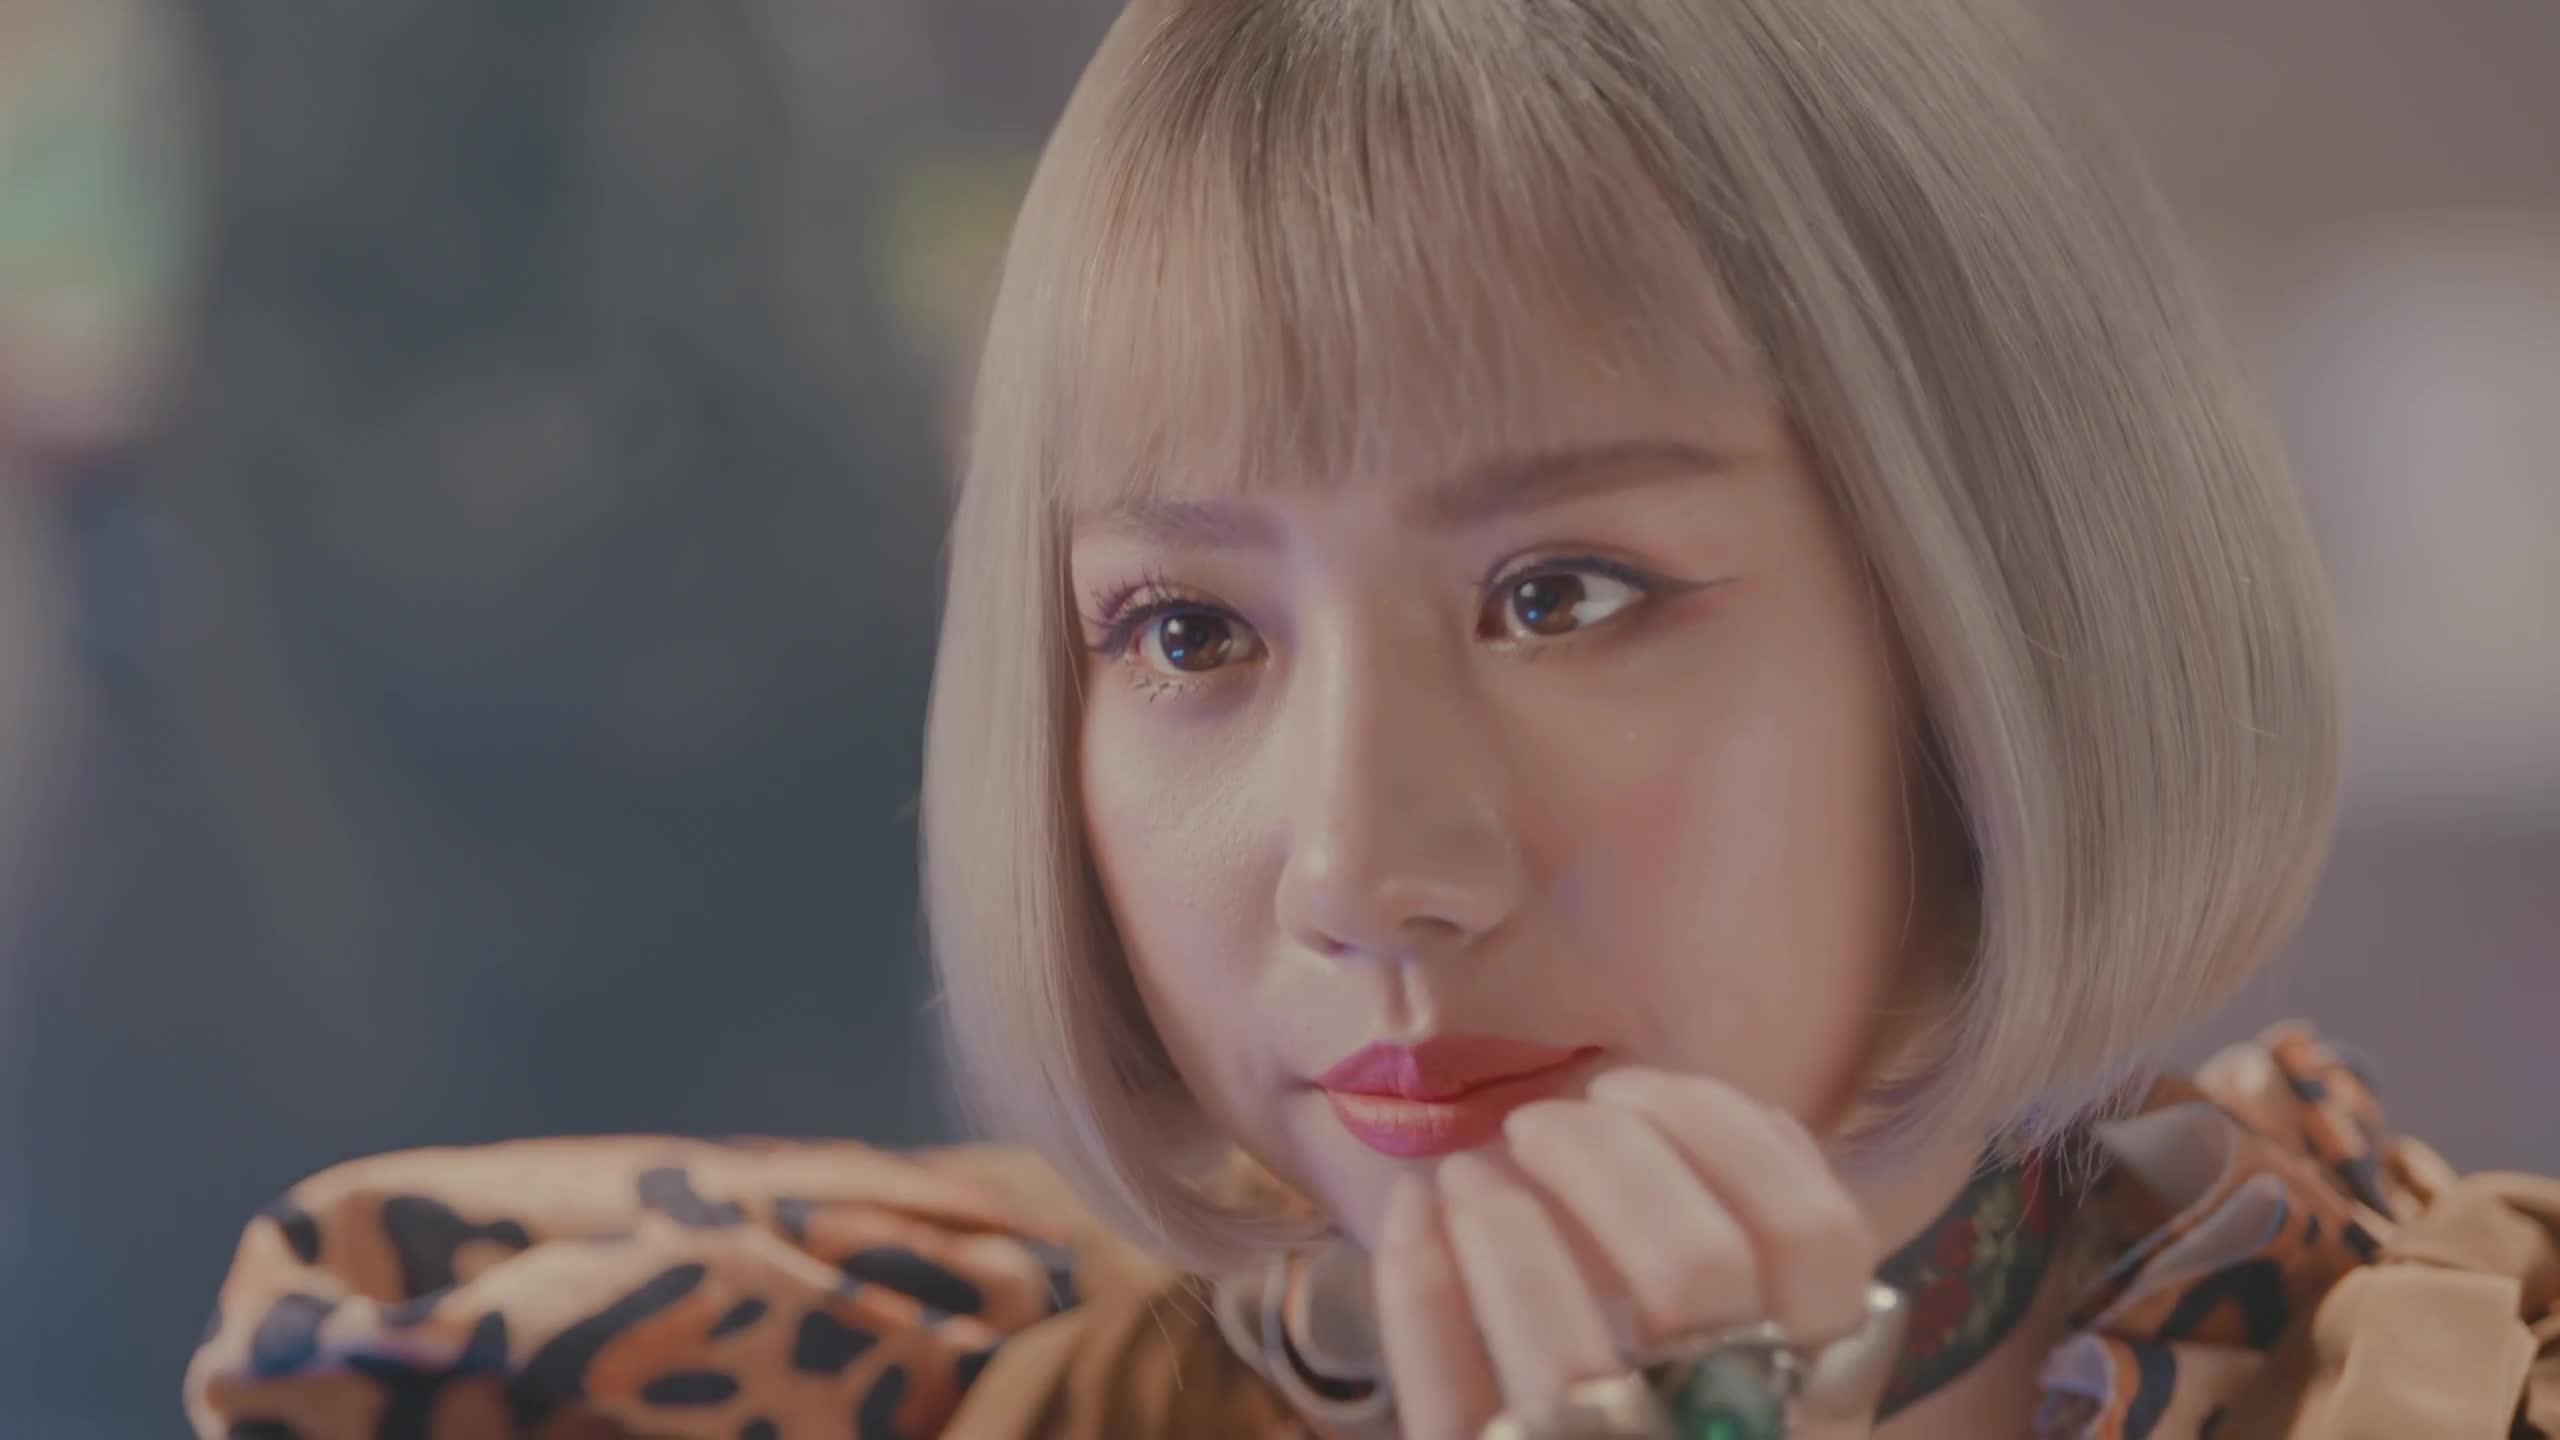 Đến với #Ghen rồi, nàng Min đã thật sự lột xác chưa?